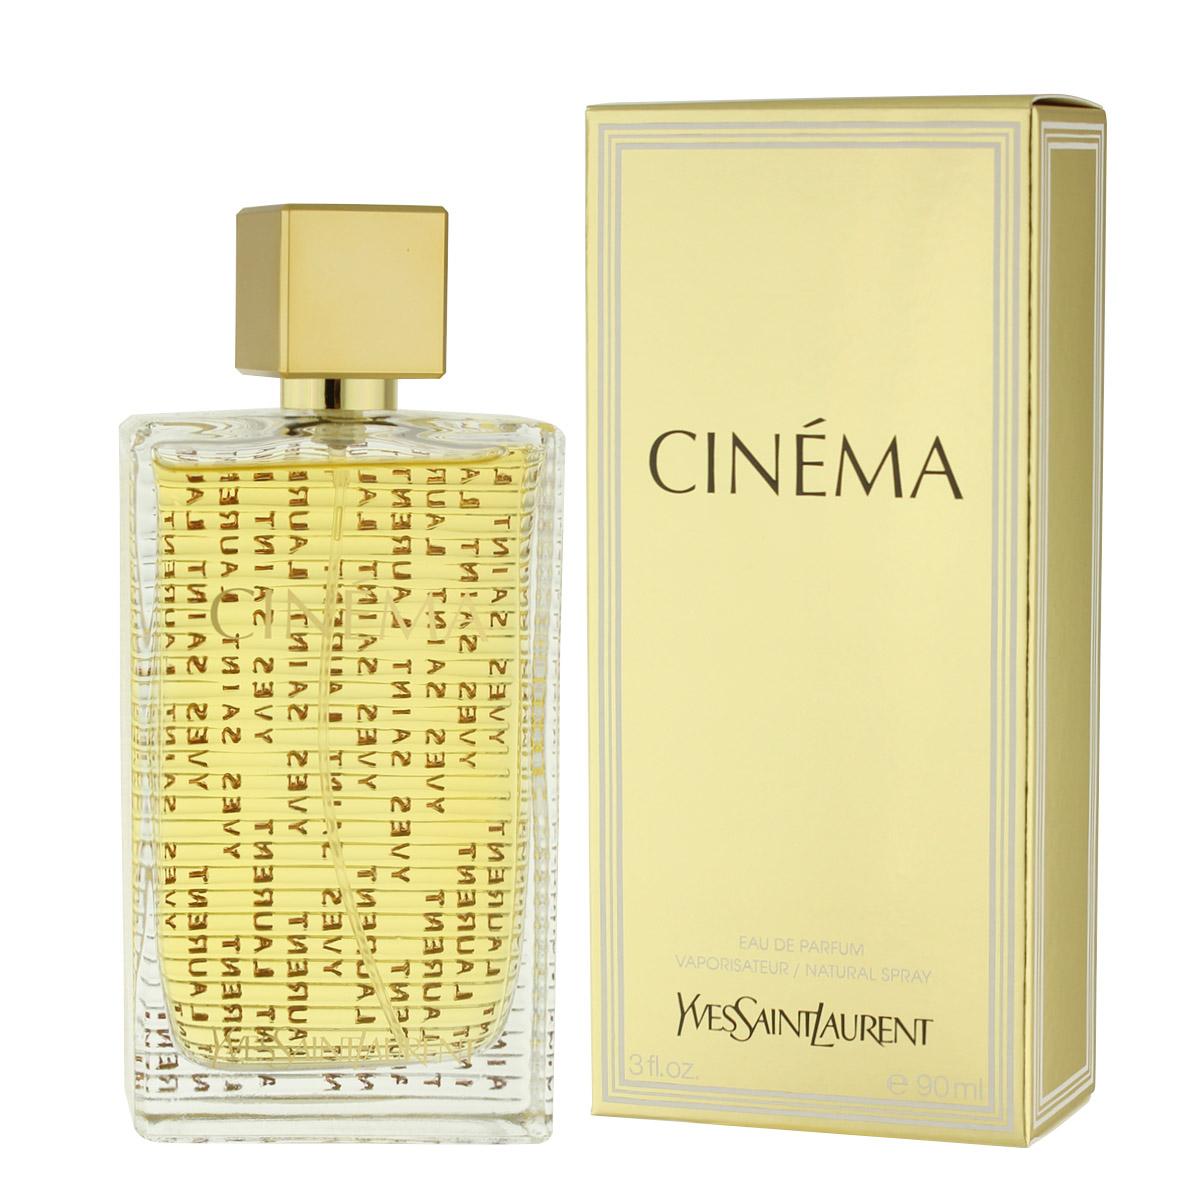 Yves Saint Laurent Cinéma Eau De Parfum 90 ml (woman) 428